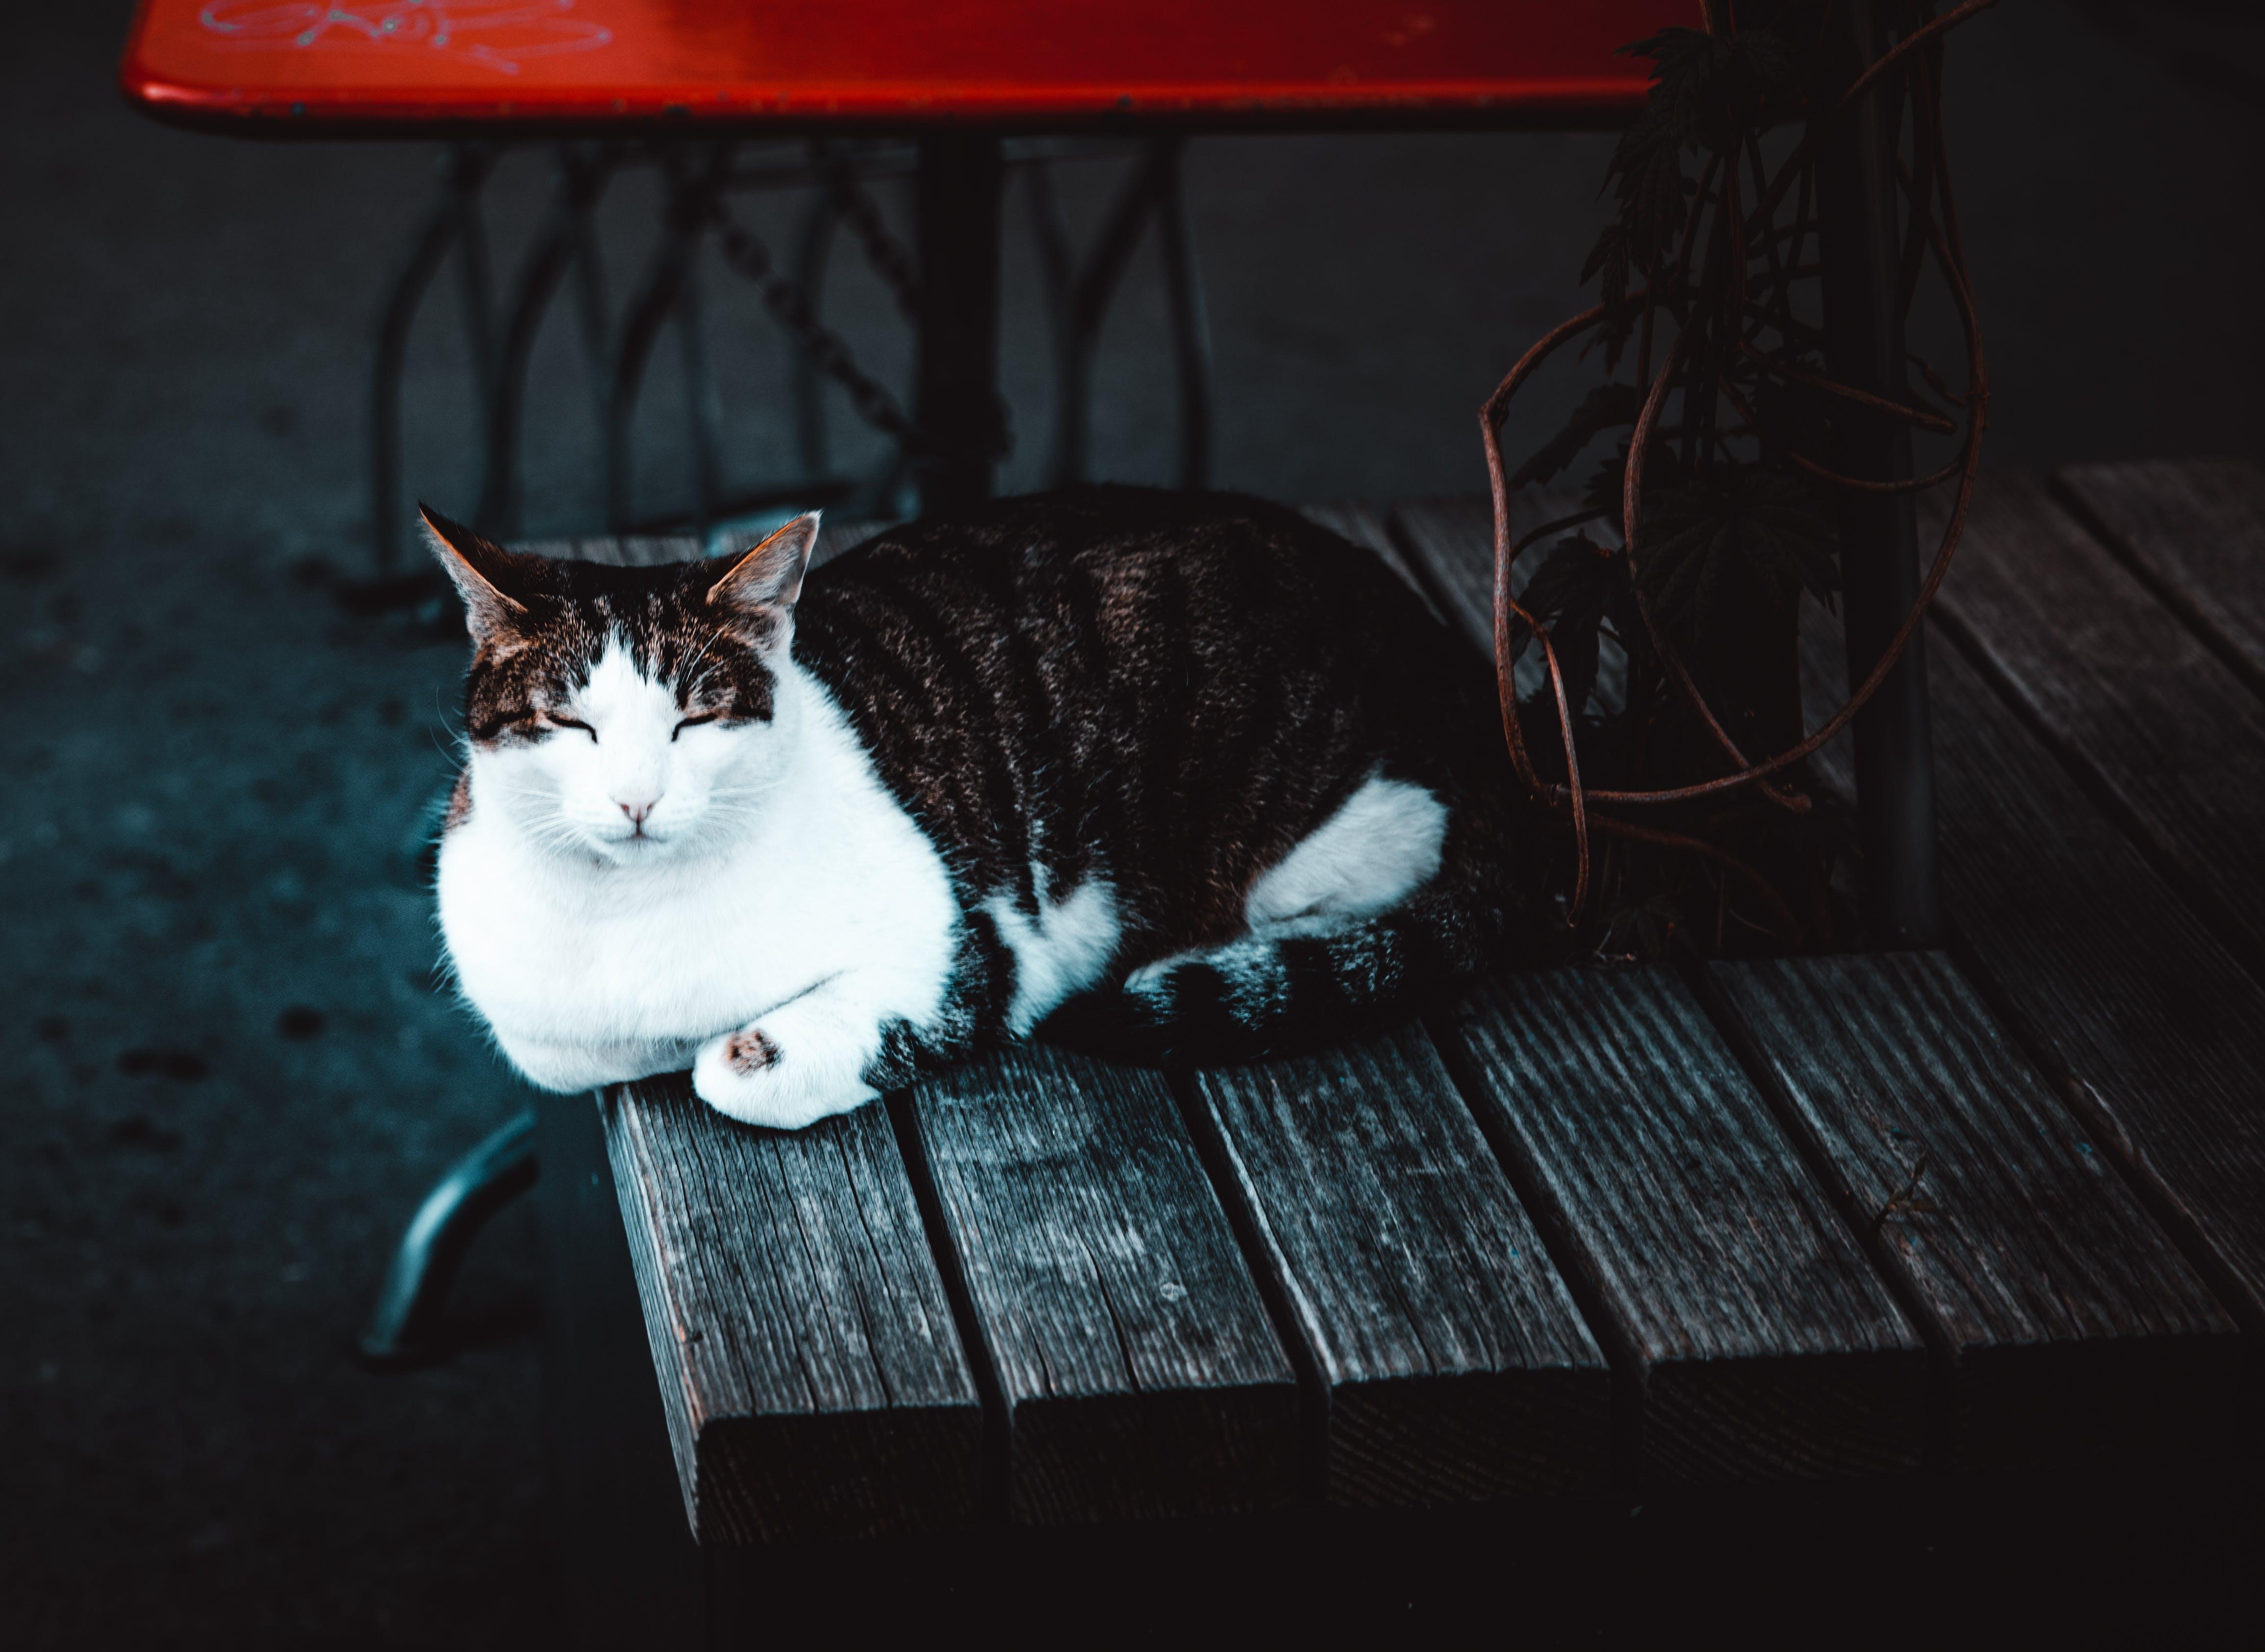 キティ, ネコ, ペット, 動物の無料の写真素材